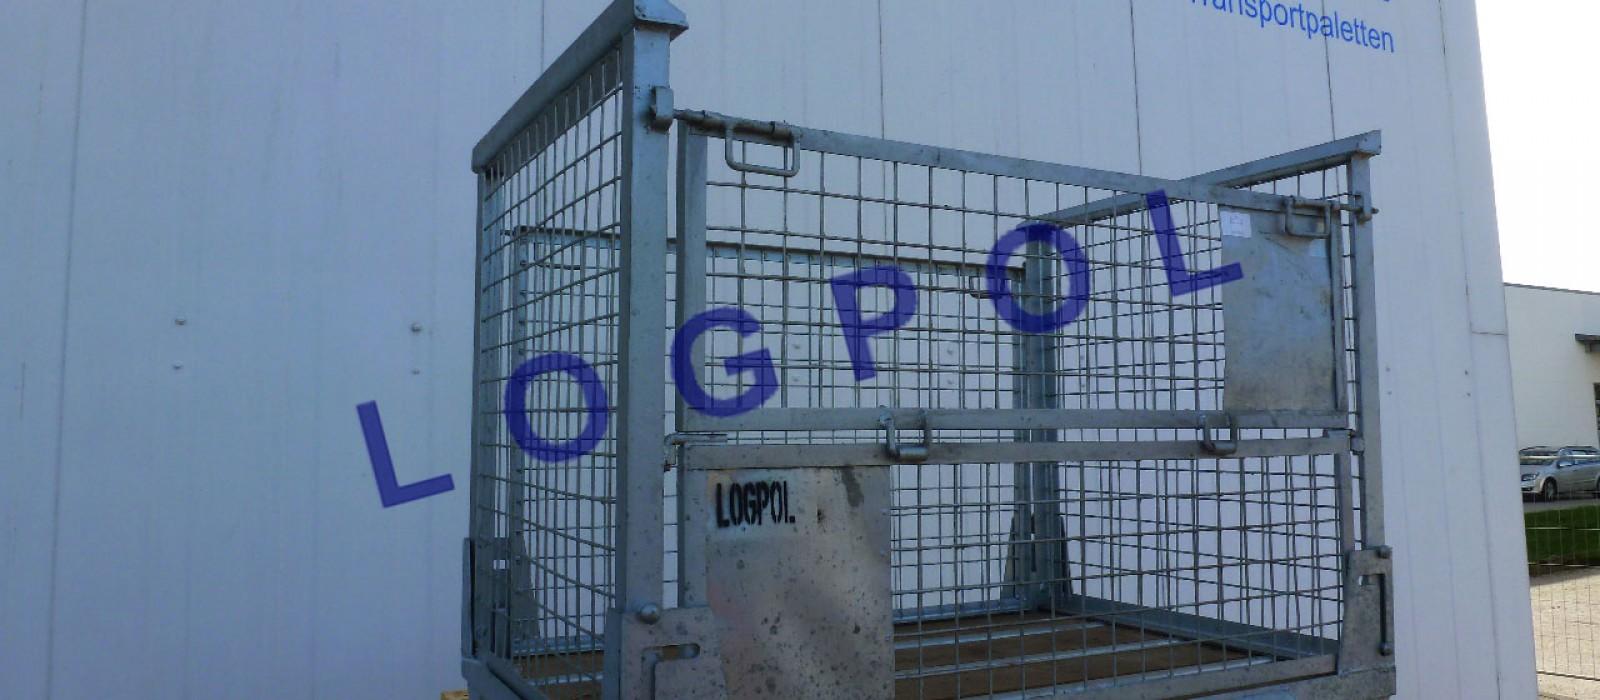 3-Gitterbox-1240x835x970-klappbar_w